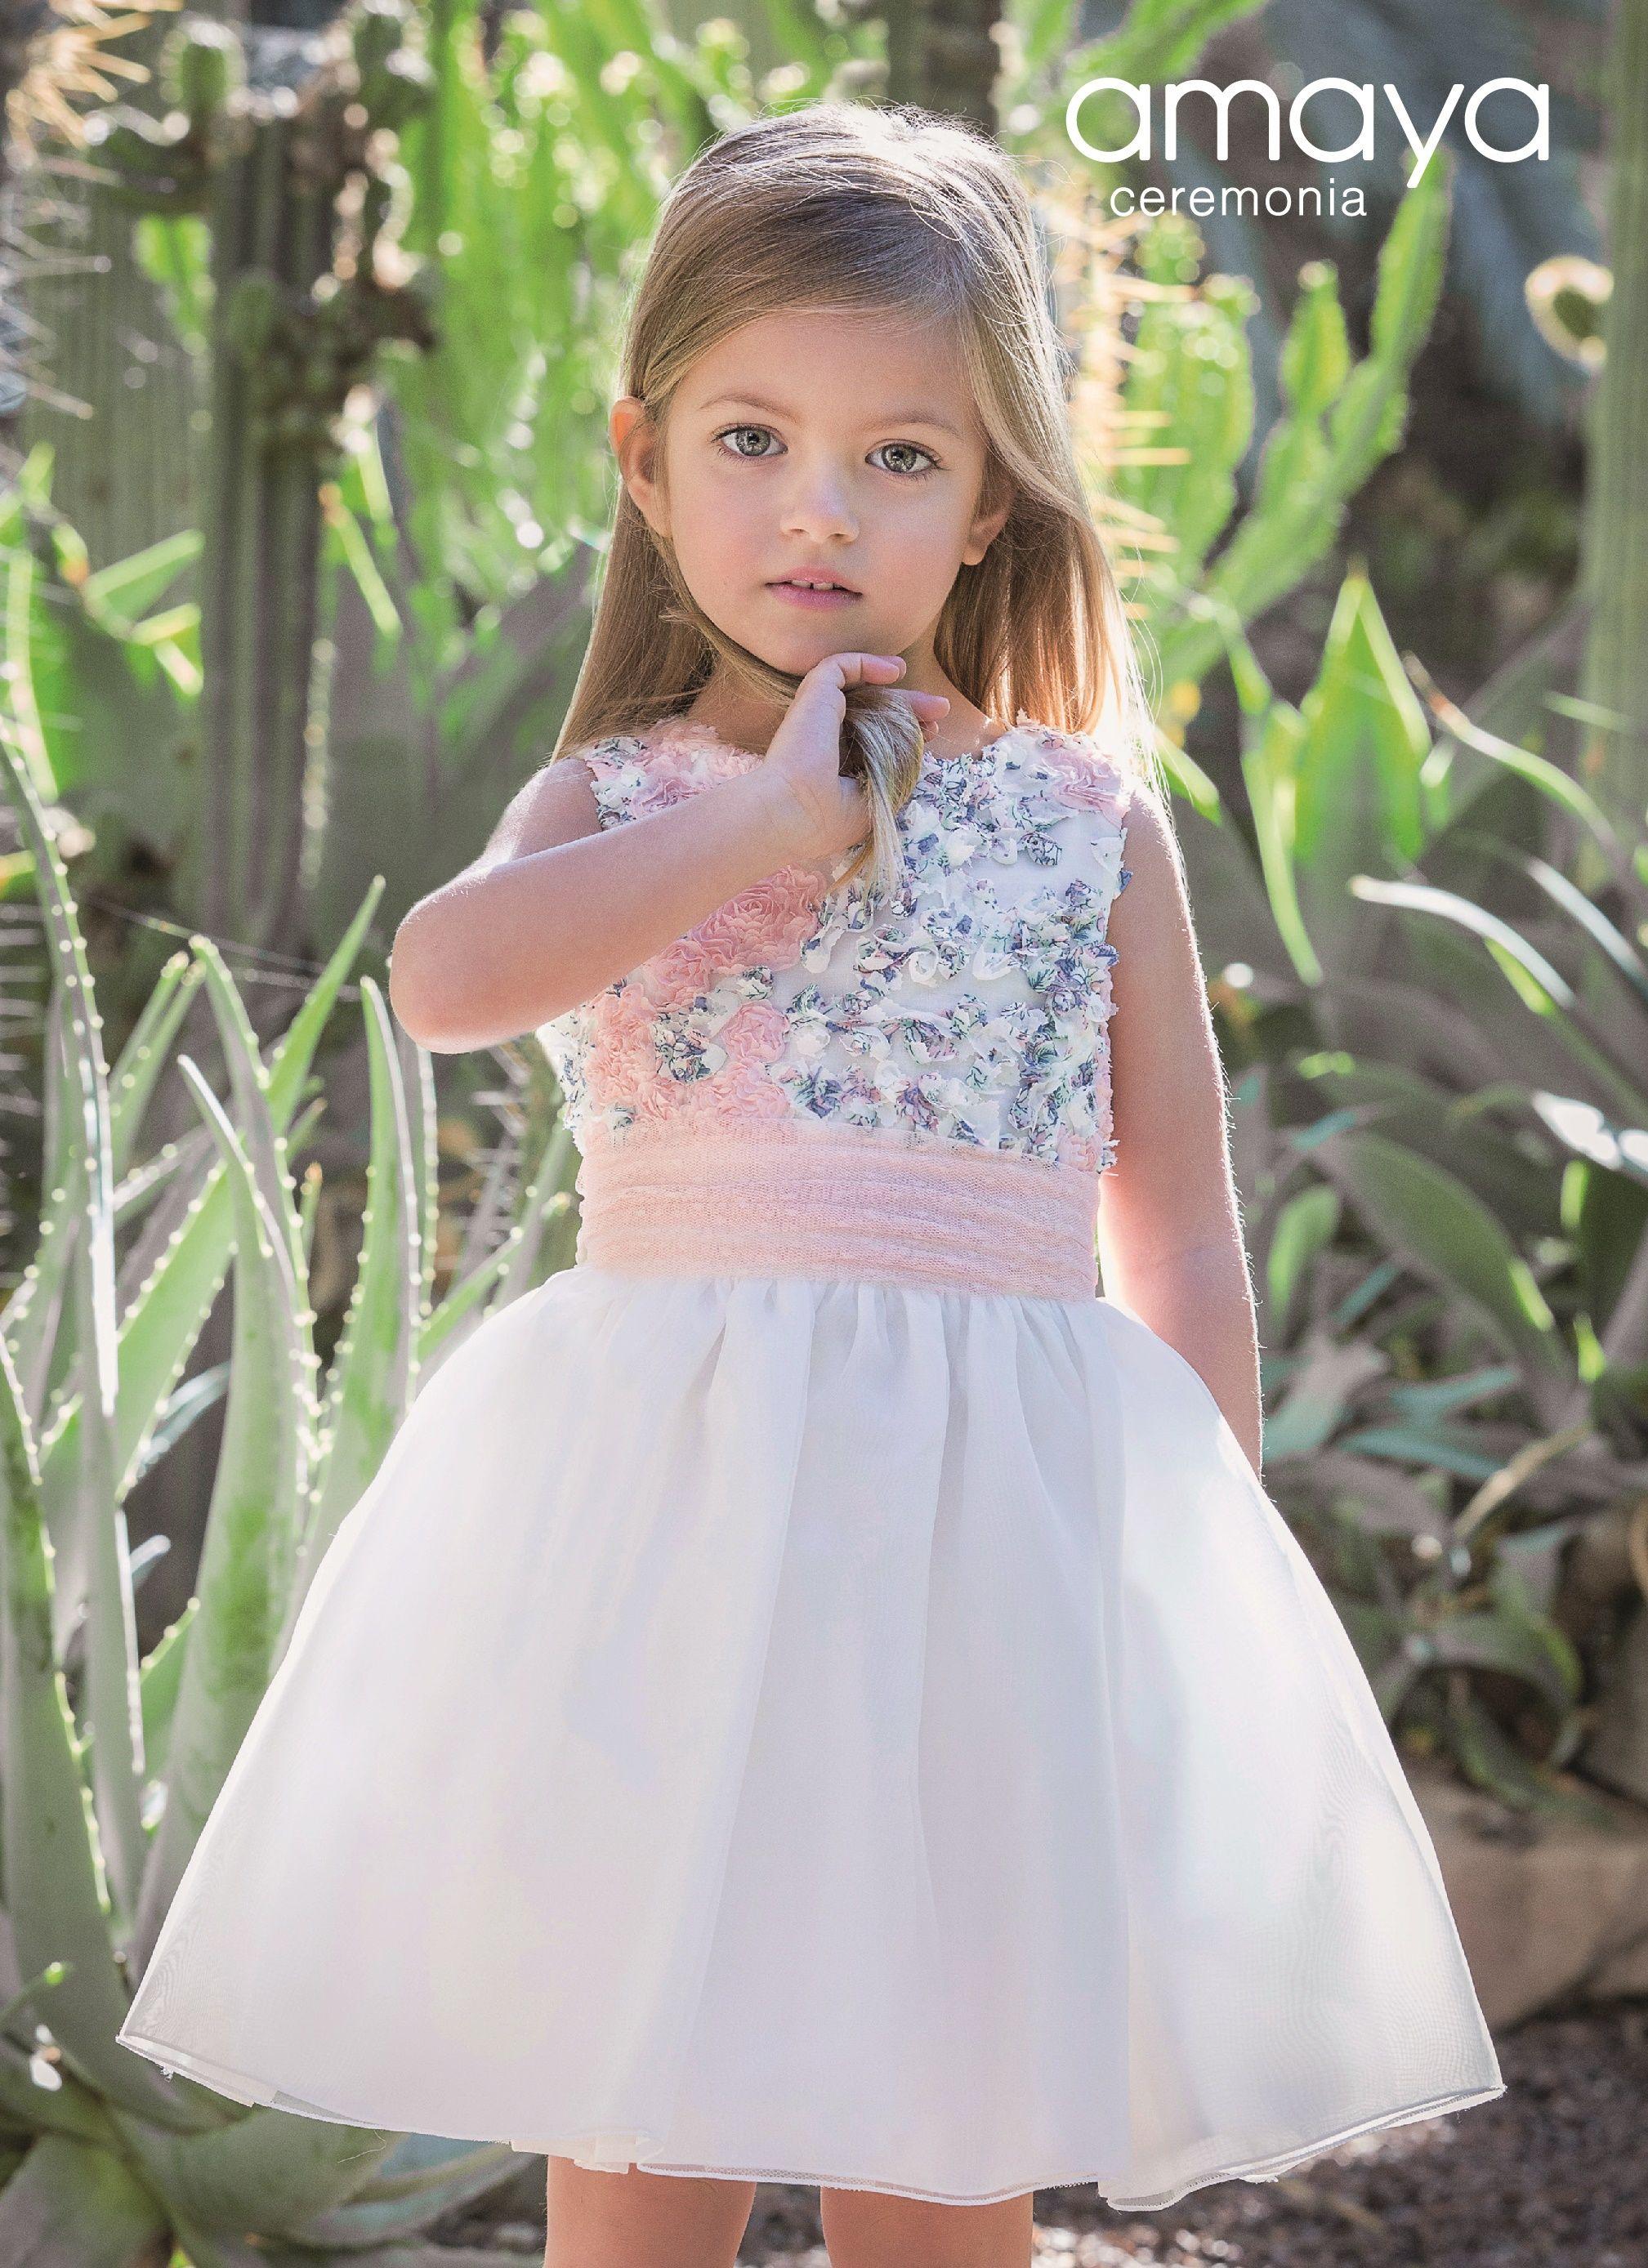 629dd36aee90 h2> Moda infantil para niña </h2> En Sacha Moda Infantil disponemos ...